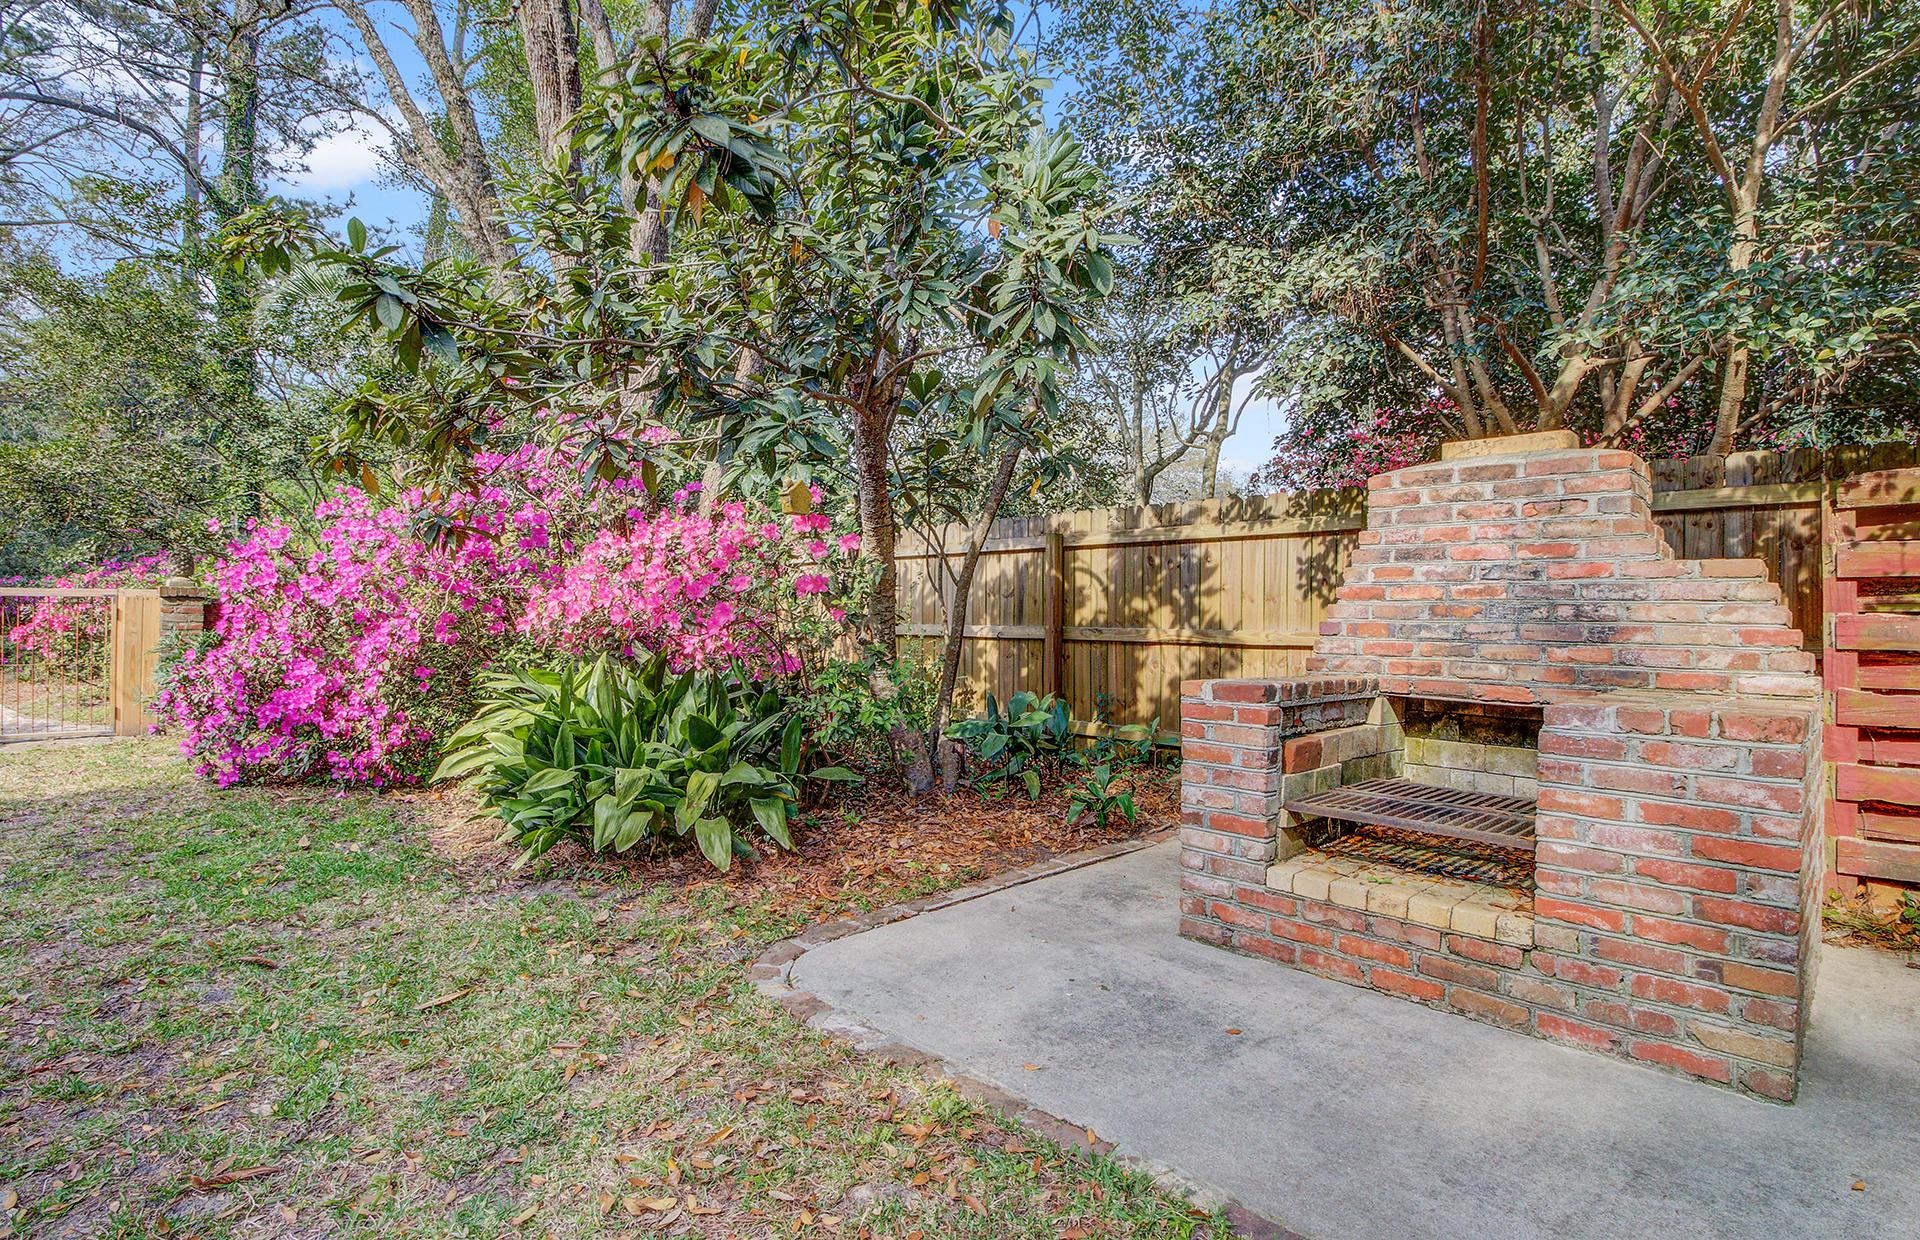 Pine Forest Inn Homes For Sale - 543 Simmons, Summerville, SC - 3